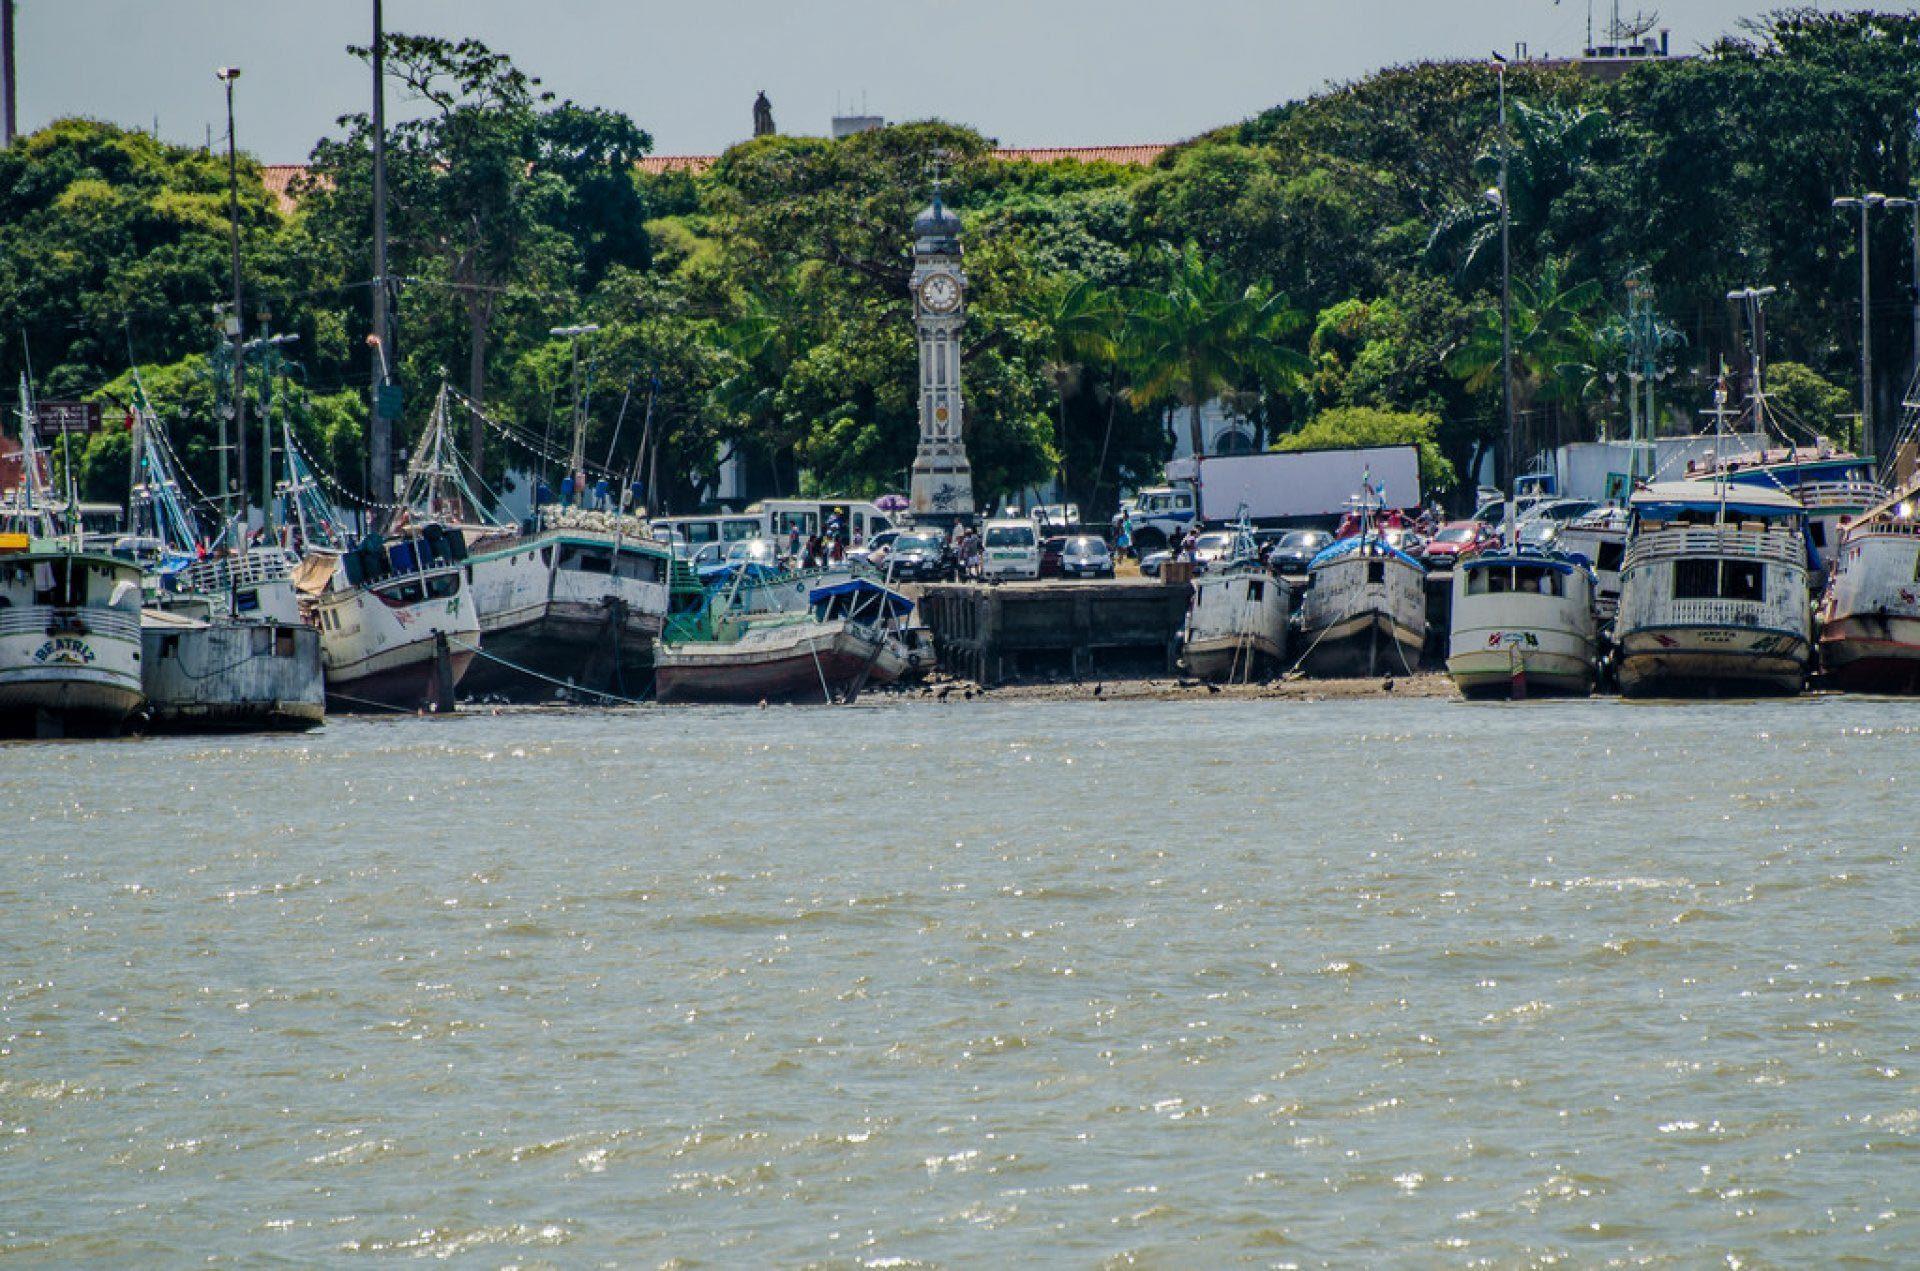 Praça do relógio - Belém do Pará